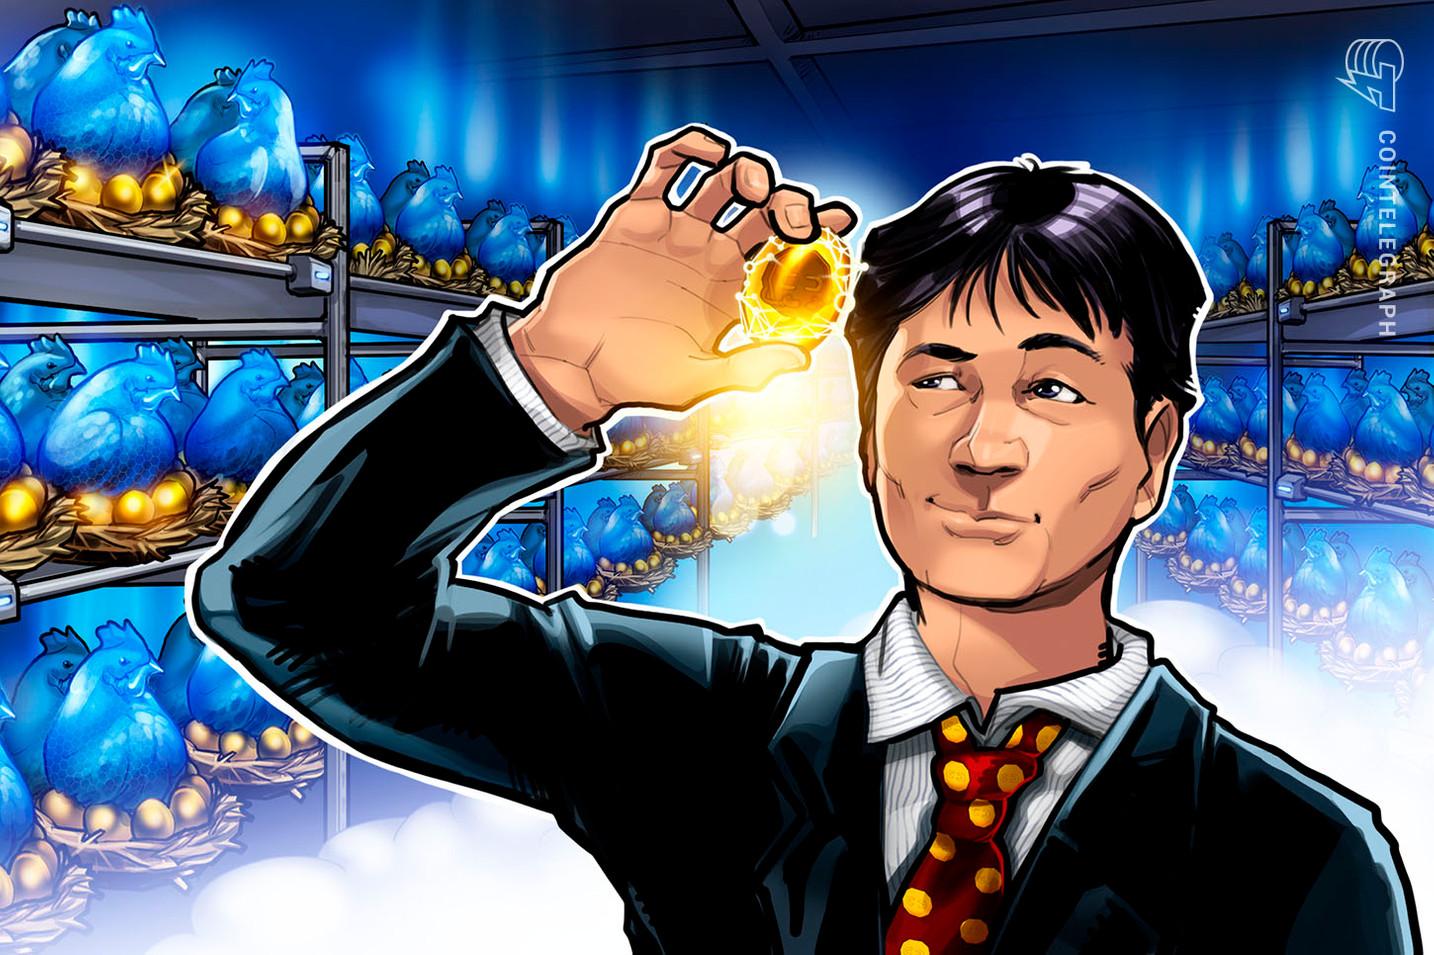 Fidelity se une al nuevo servicio institucional de minería Bitcoin de Blockstream